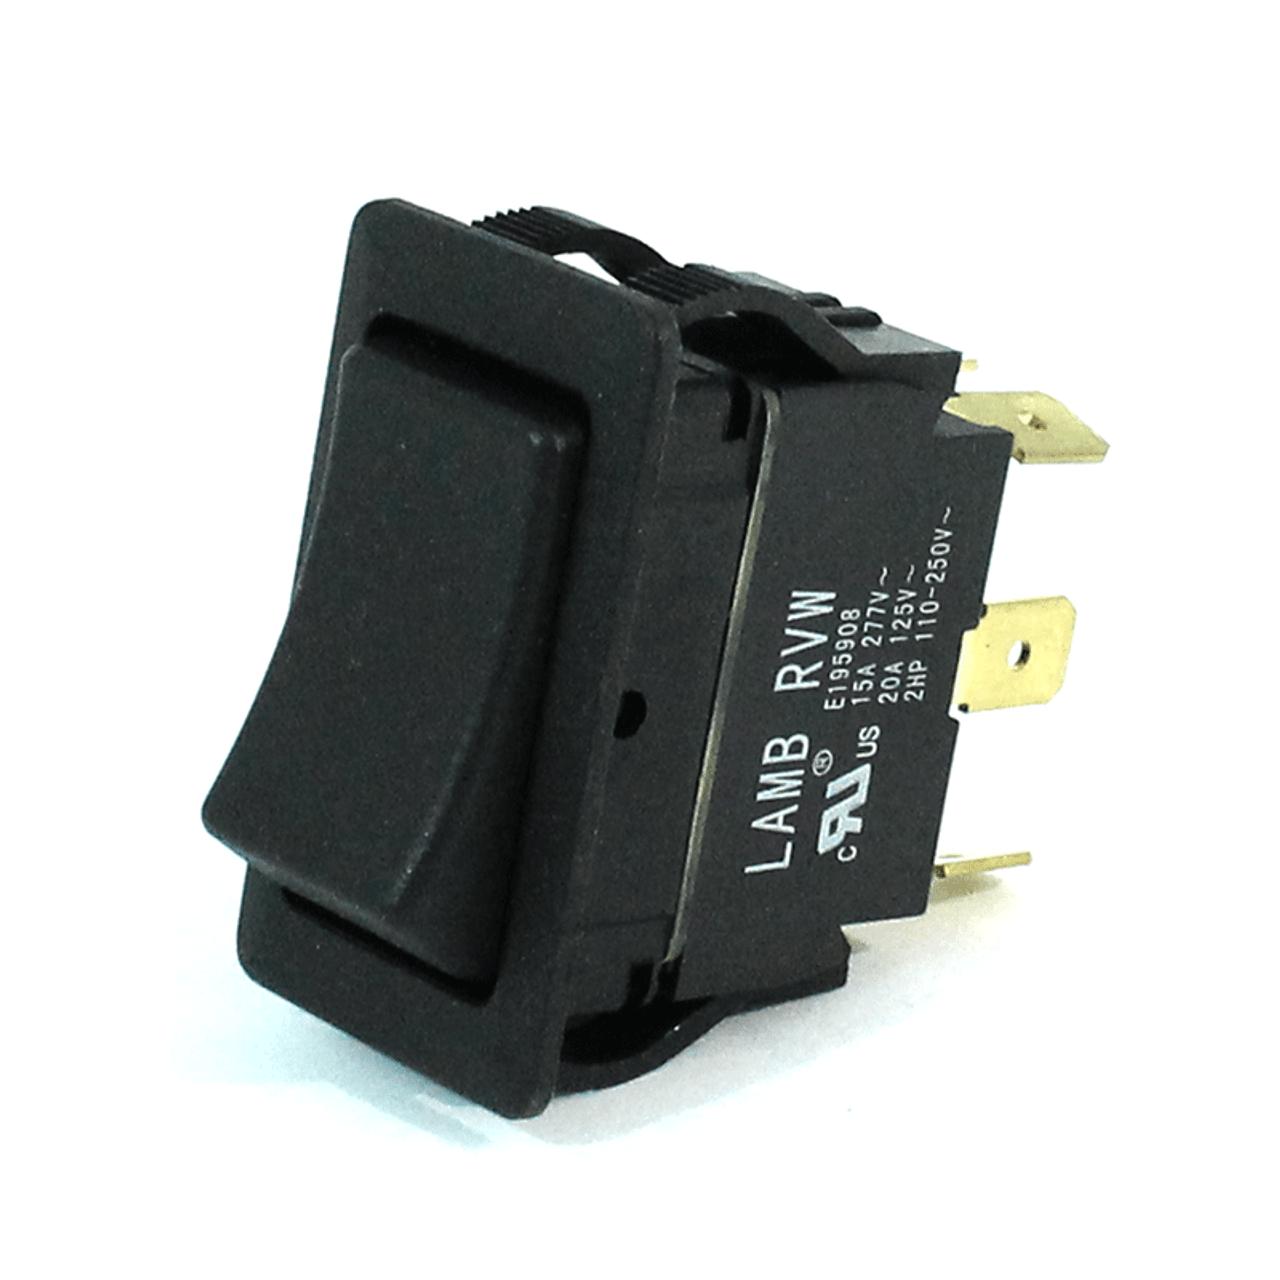 dpst switch wiring diagram 125 volt fuse wiring diagram